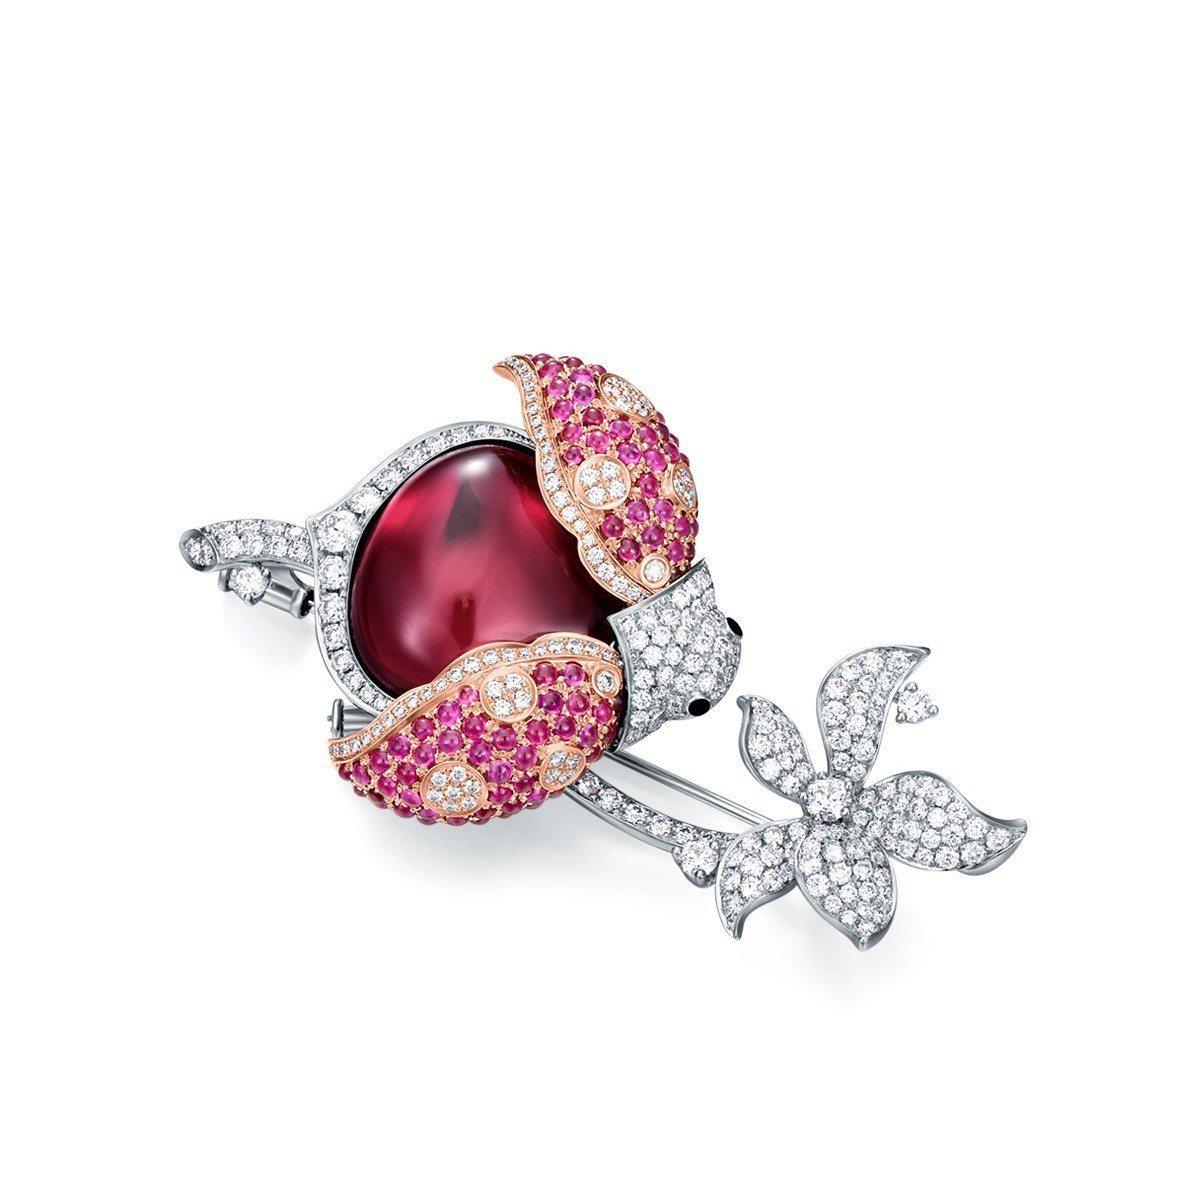 LadyBird胸針,18K白金鑲嵌鑽石總重2.121克拉、蛋面切割紅碧璽重14...